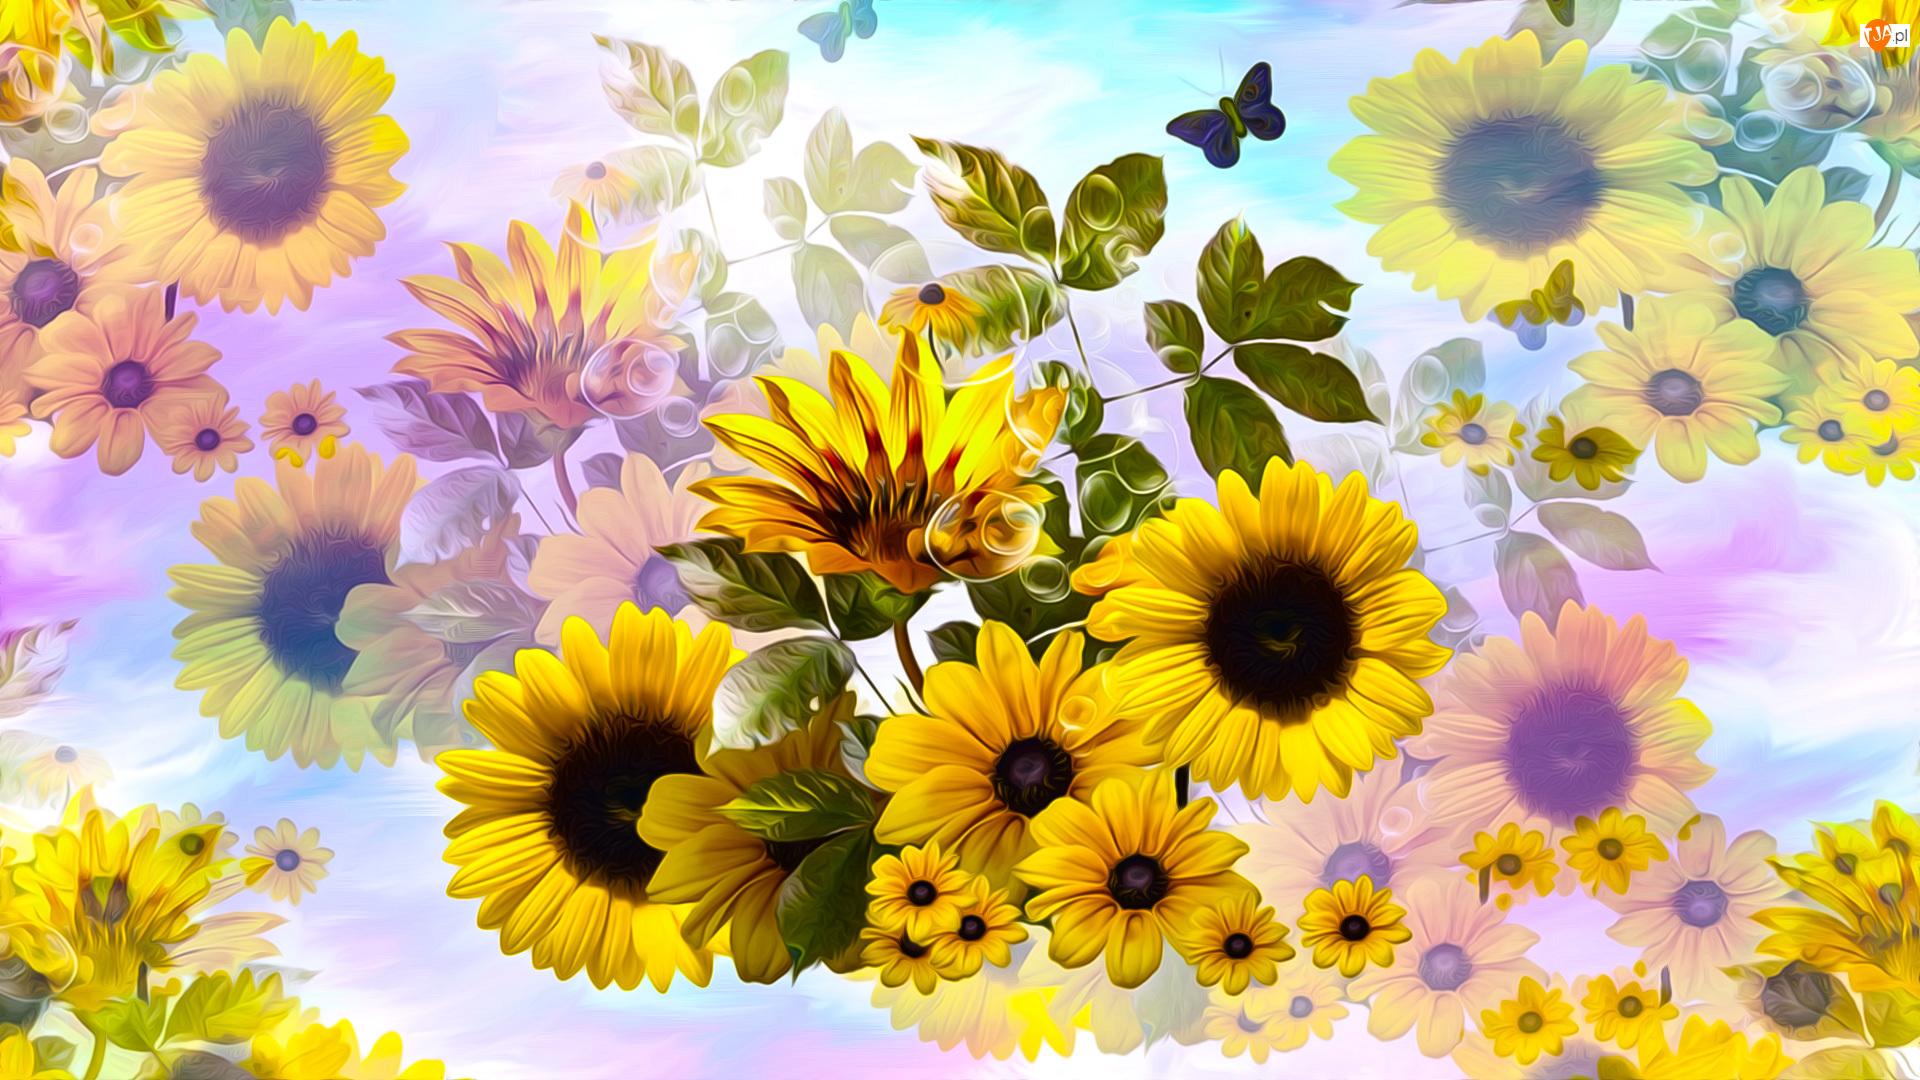 Słoneczniki, Grafika, Kwiaty, Żółte, Motylek